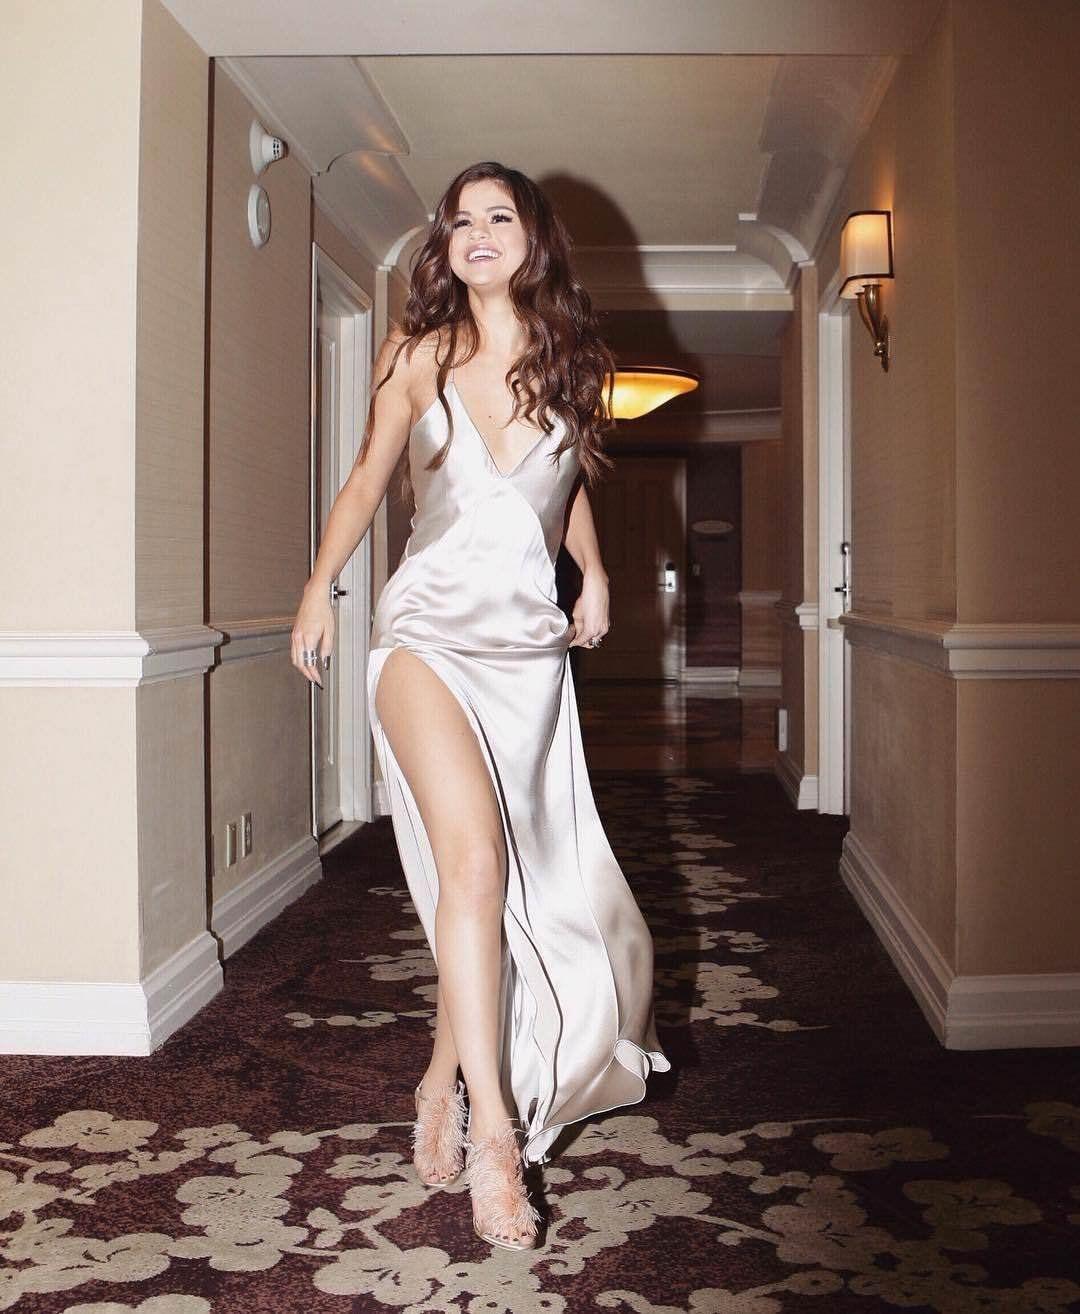 Celebrites Cherry Morgan nude (47 photo), Sexy, Hot, Instagram, underwear 2017